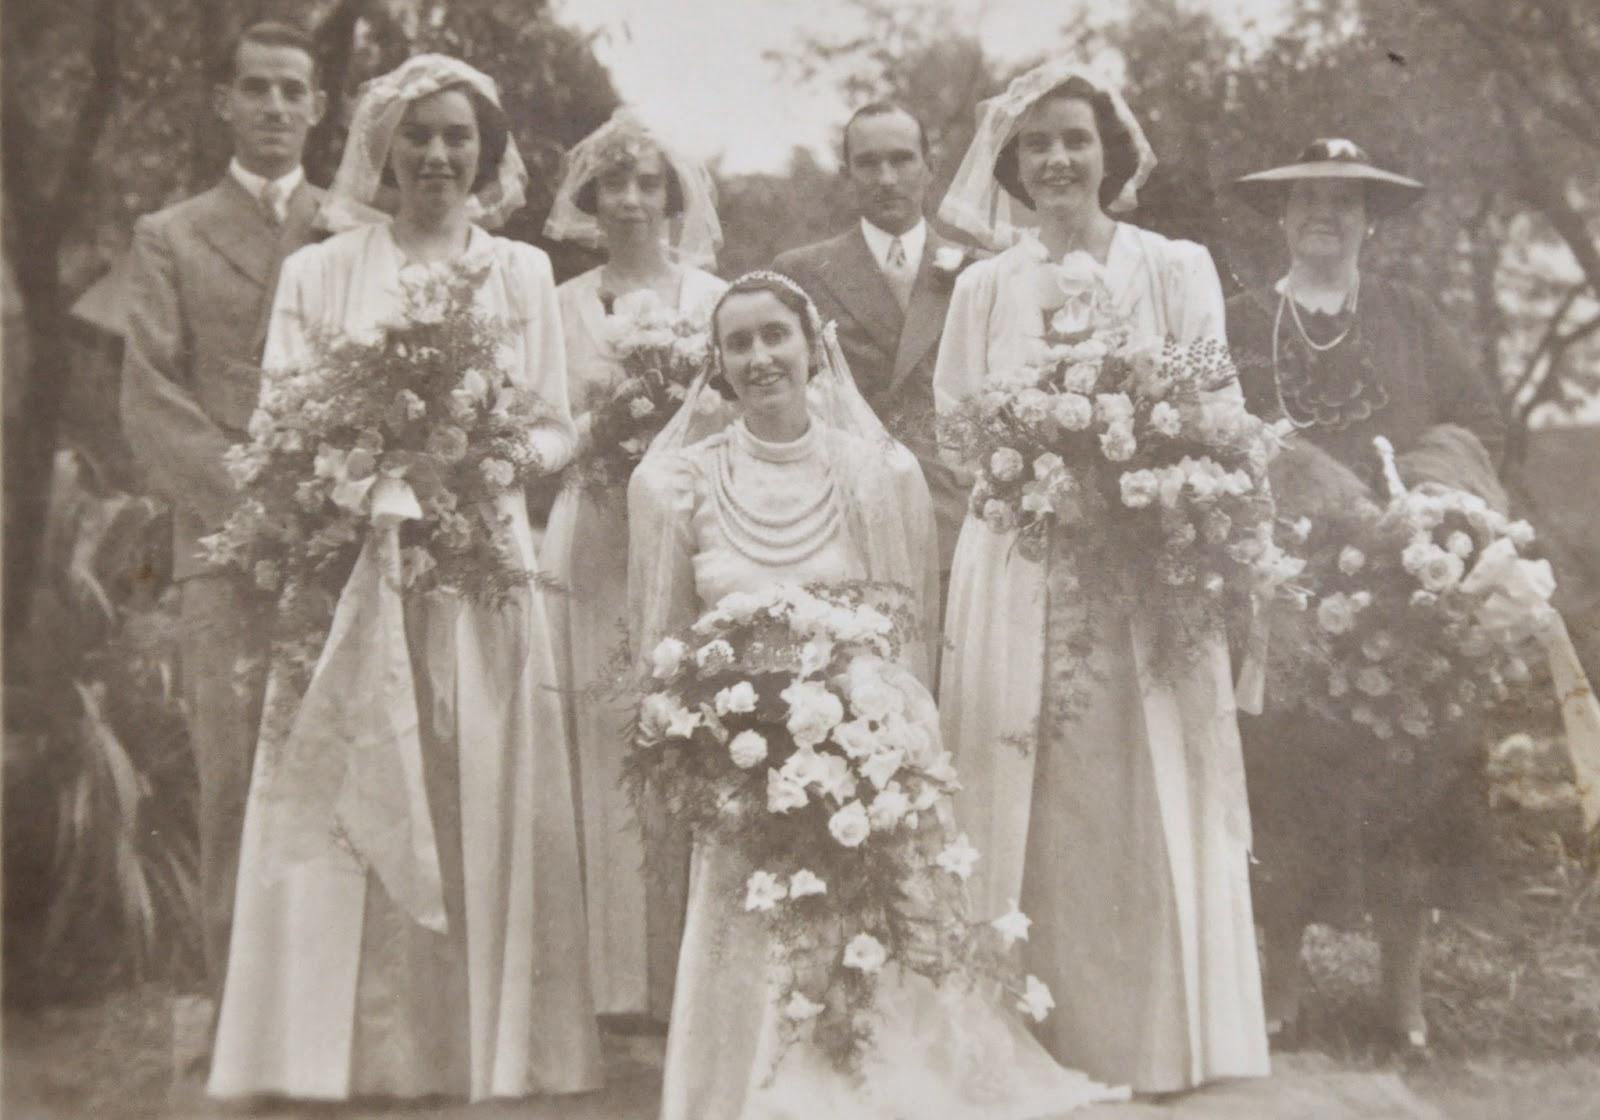 Matrimonio Catolico Tradicional : In novissimis diebus los votos del matrimonio son para